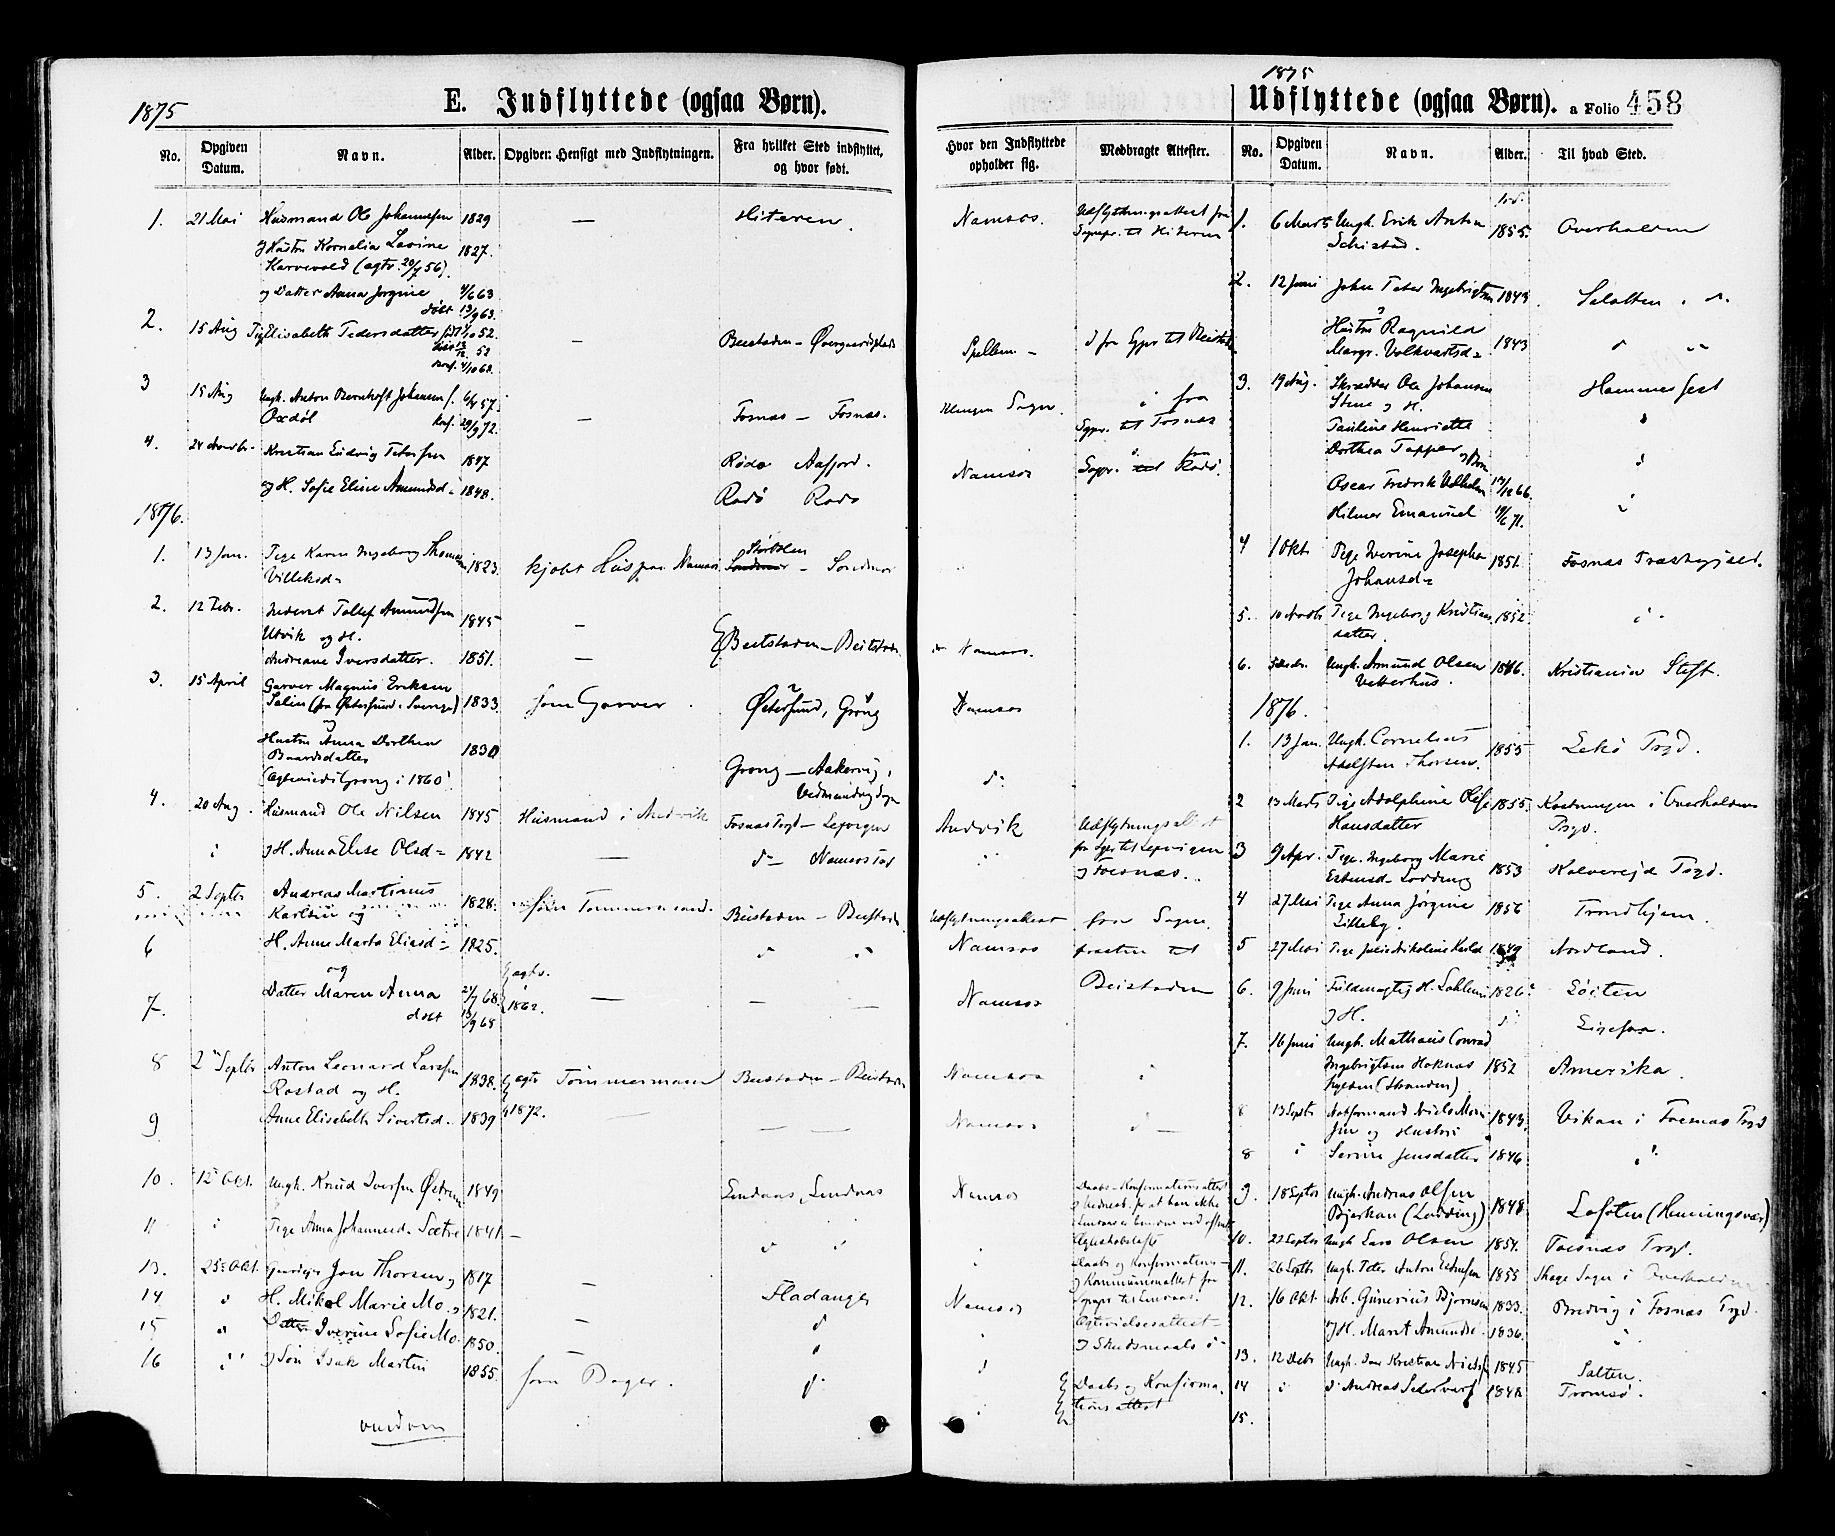 SAT, Ministerialprotokoller, klokkerbøker og fødselsregistre - Nord-Trøndelag, 768/L0572: Ministerialbok nr. 768A07, 1874-1886, s. 458